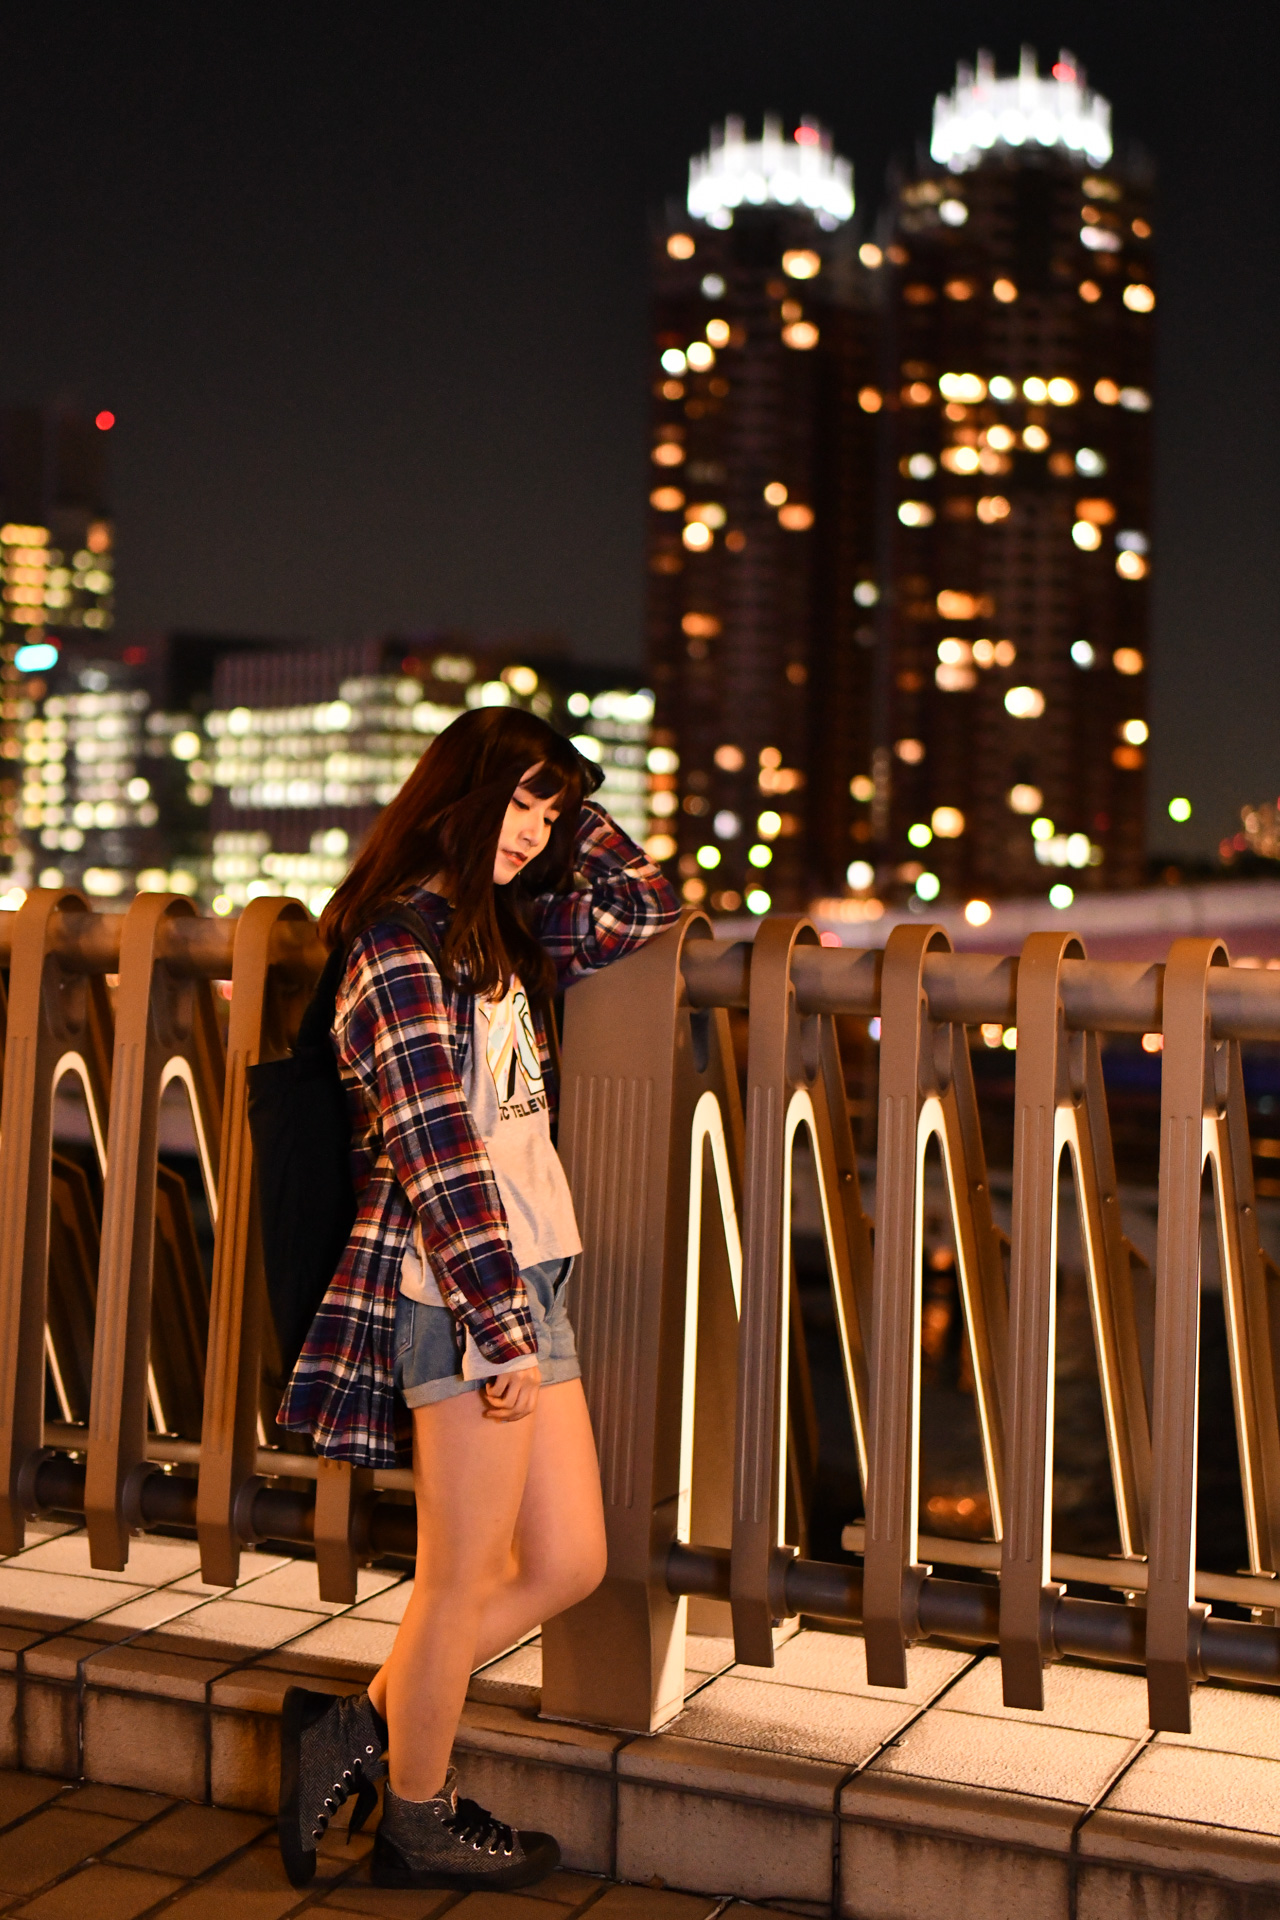 お台場 夢の大橋 こめくら Nikon D850